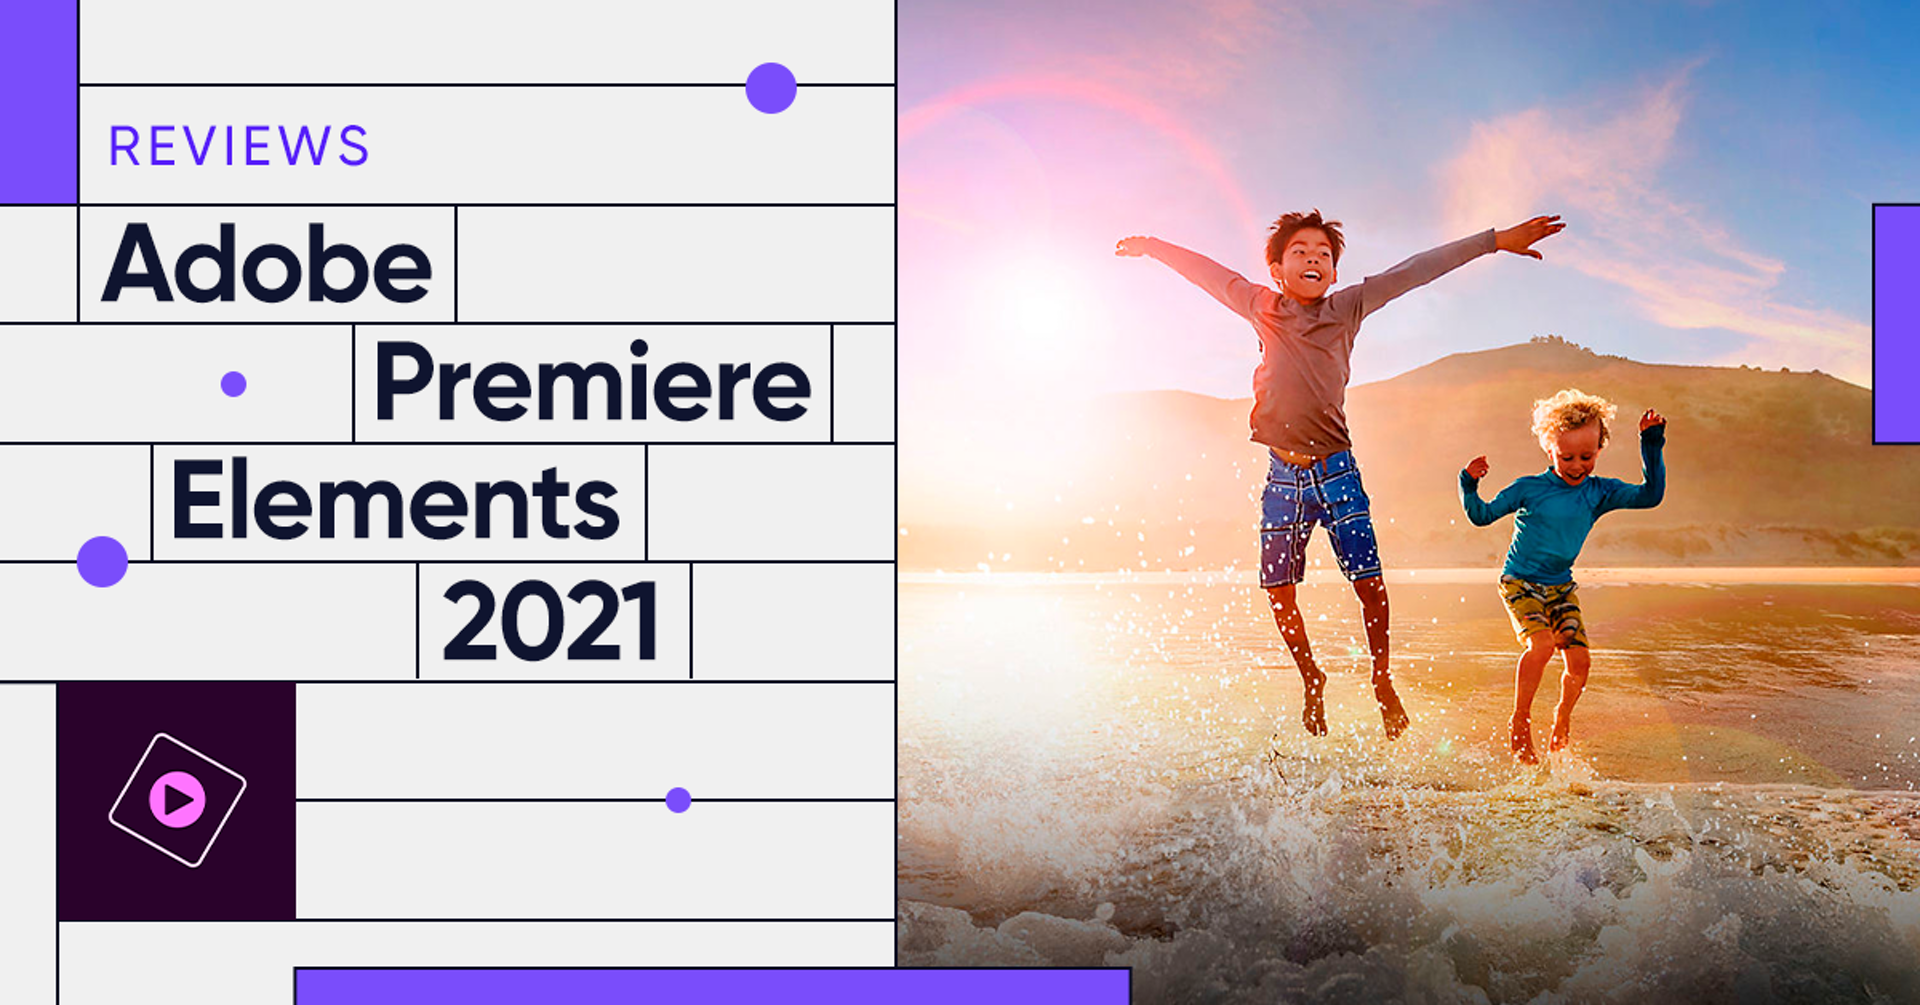 Adobe Premiere Elements 2021: novedades, pros y contras, y comparación con la versión anterior